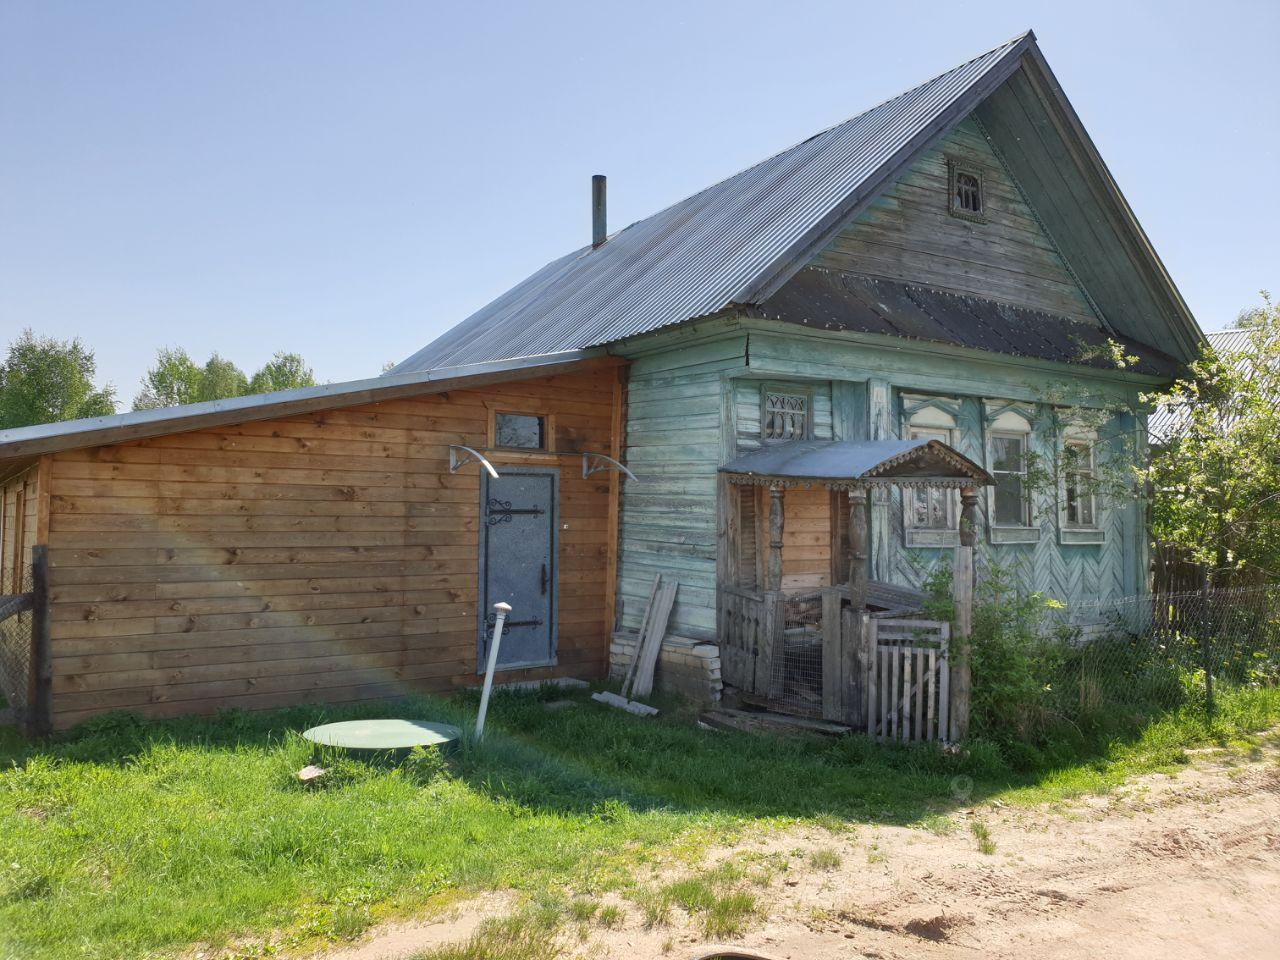 Купить дом 65м² Нижегородская область, Бор городской округ, Хрипуново деревня - база ЦИАН, объявление 253875219